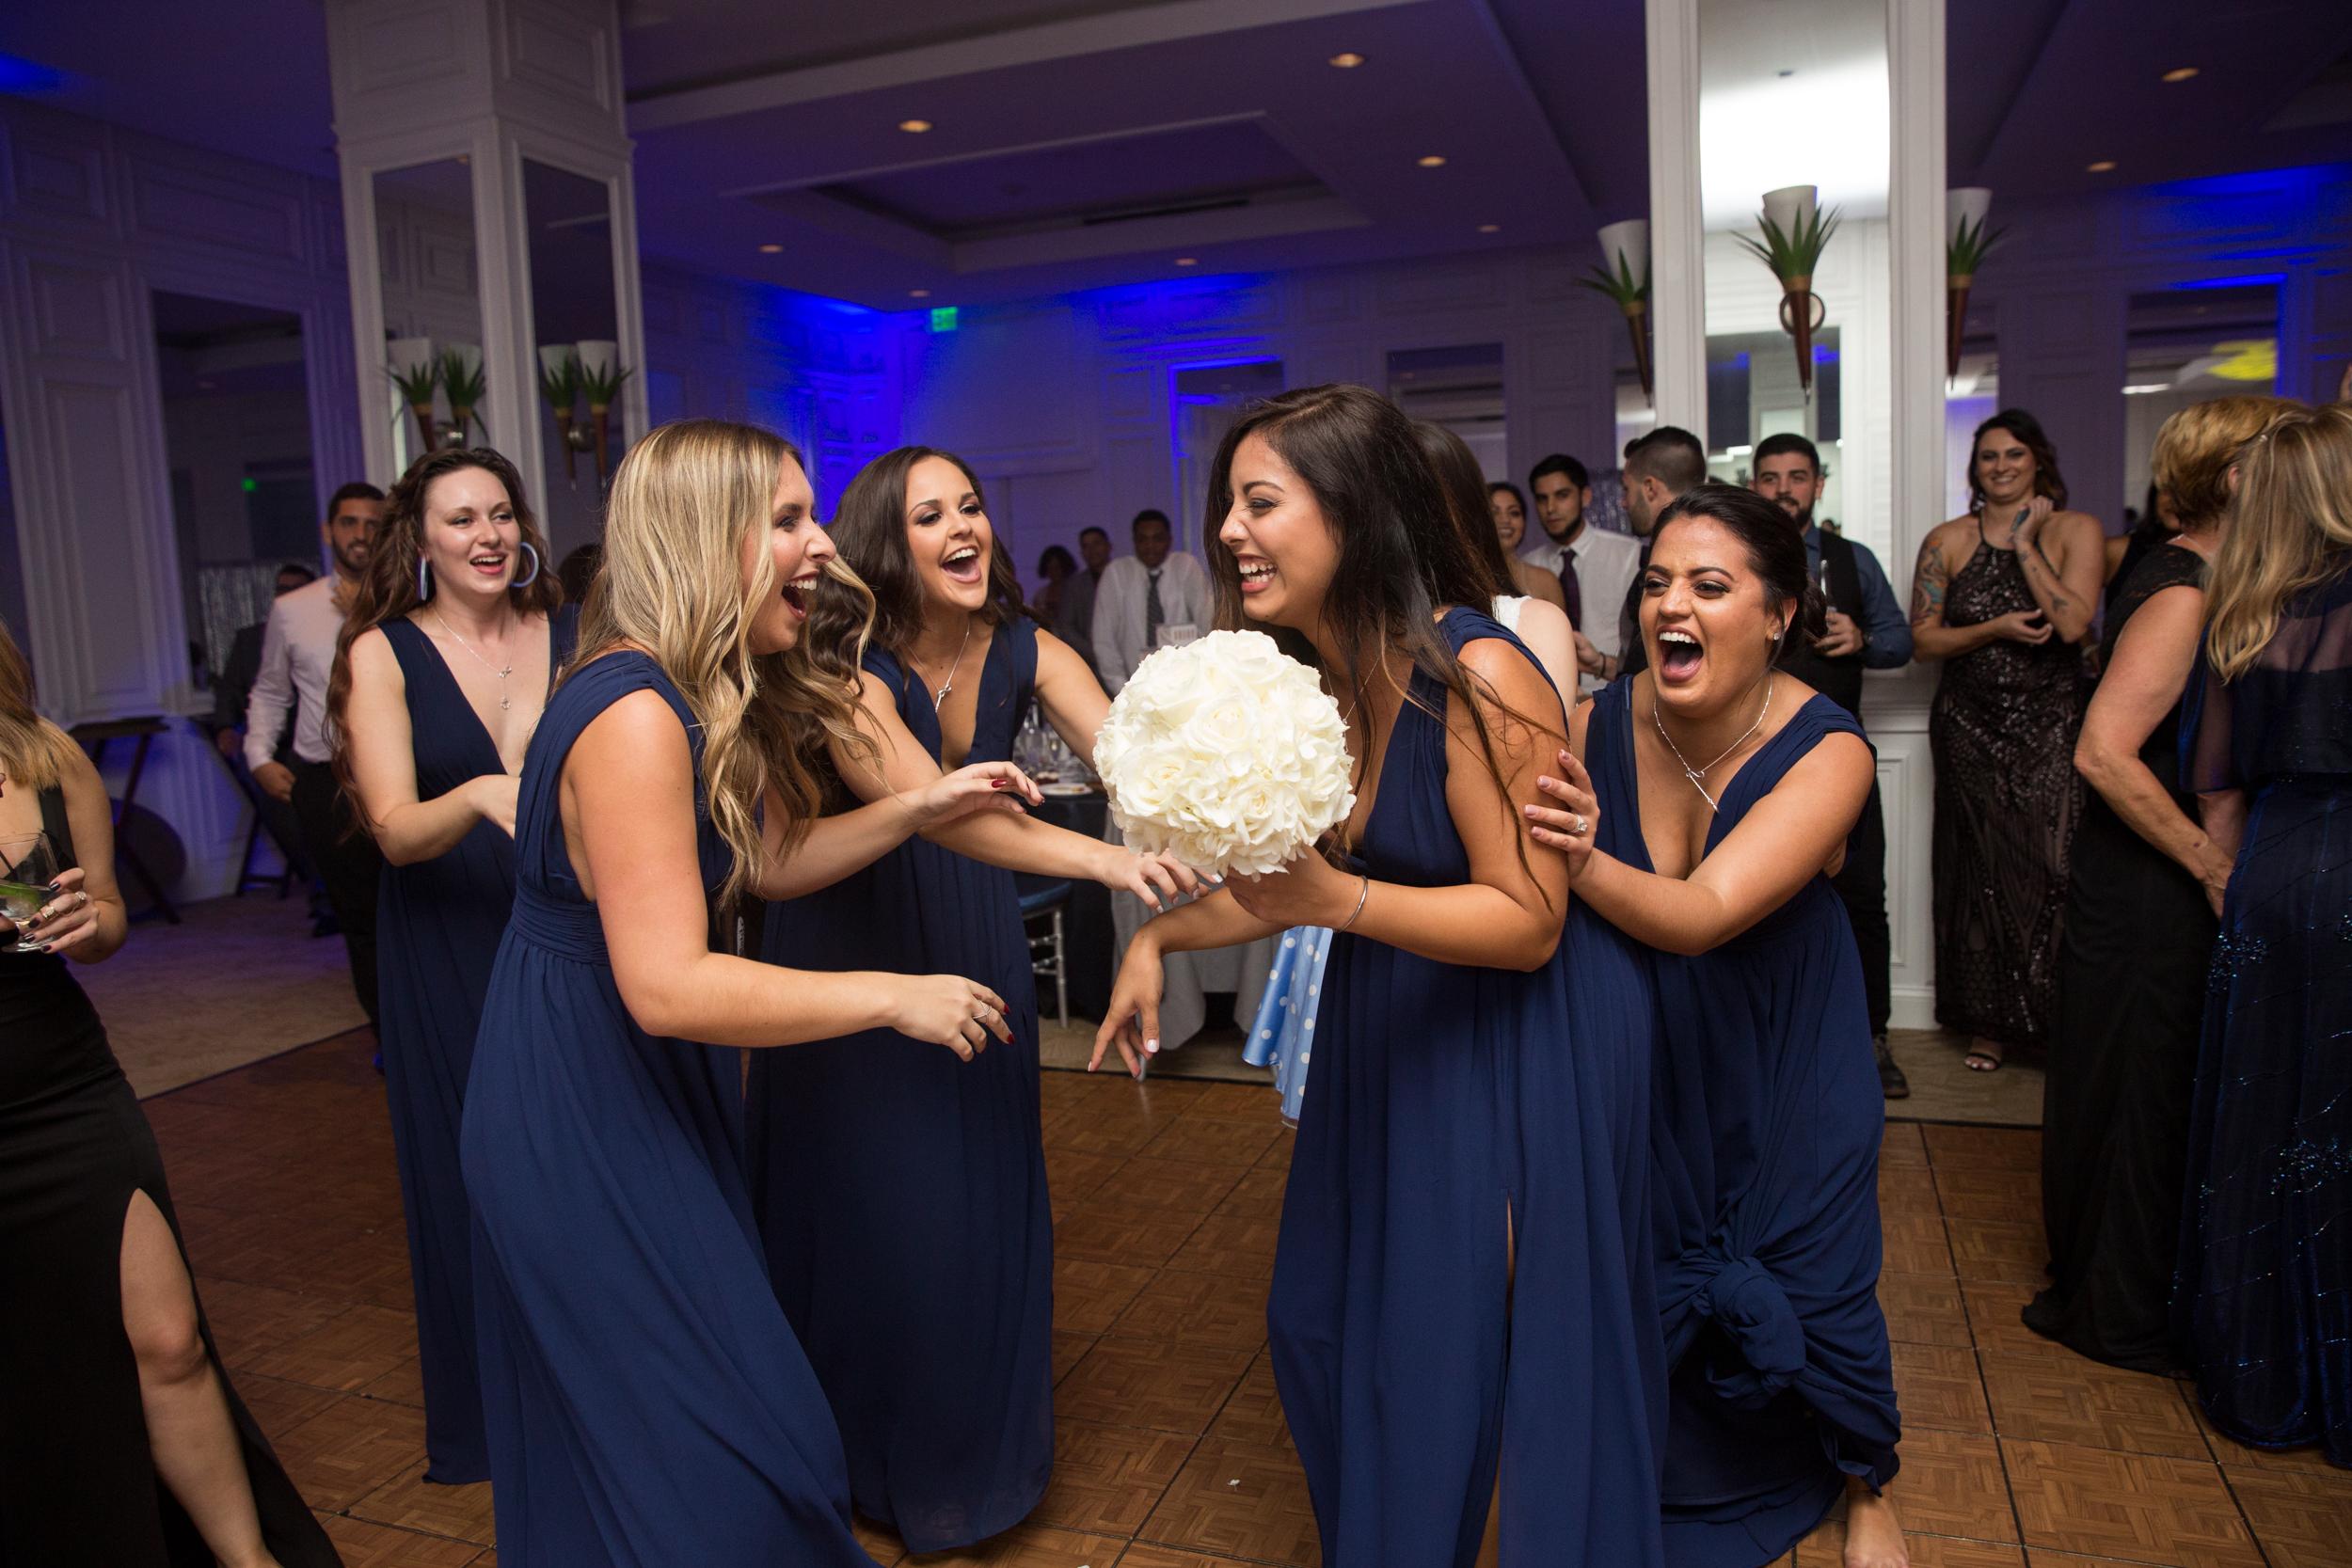 10-14-17_AshleyRichard_Wedding-162.jpg